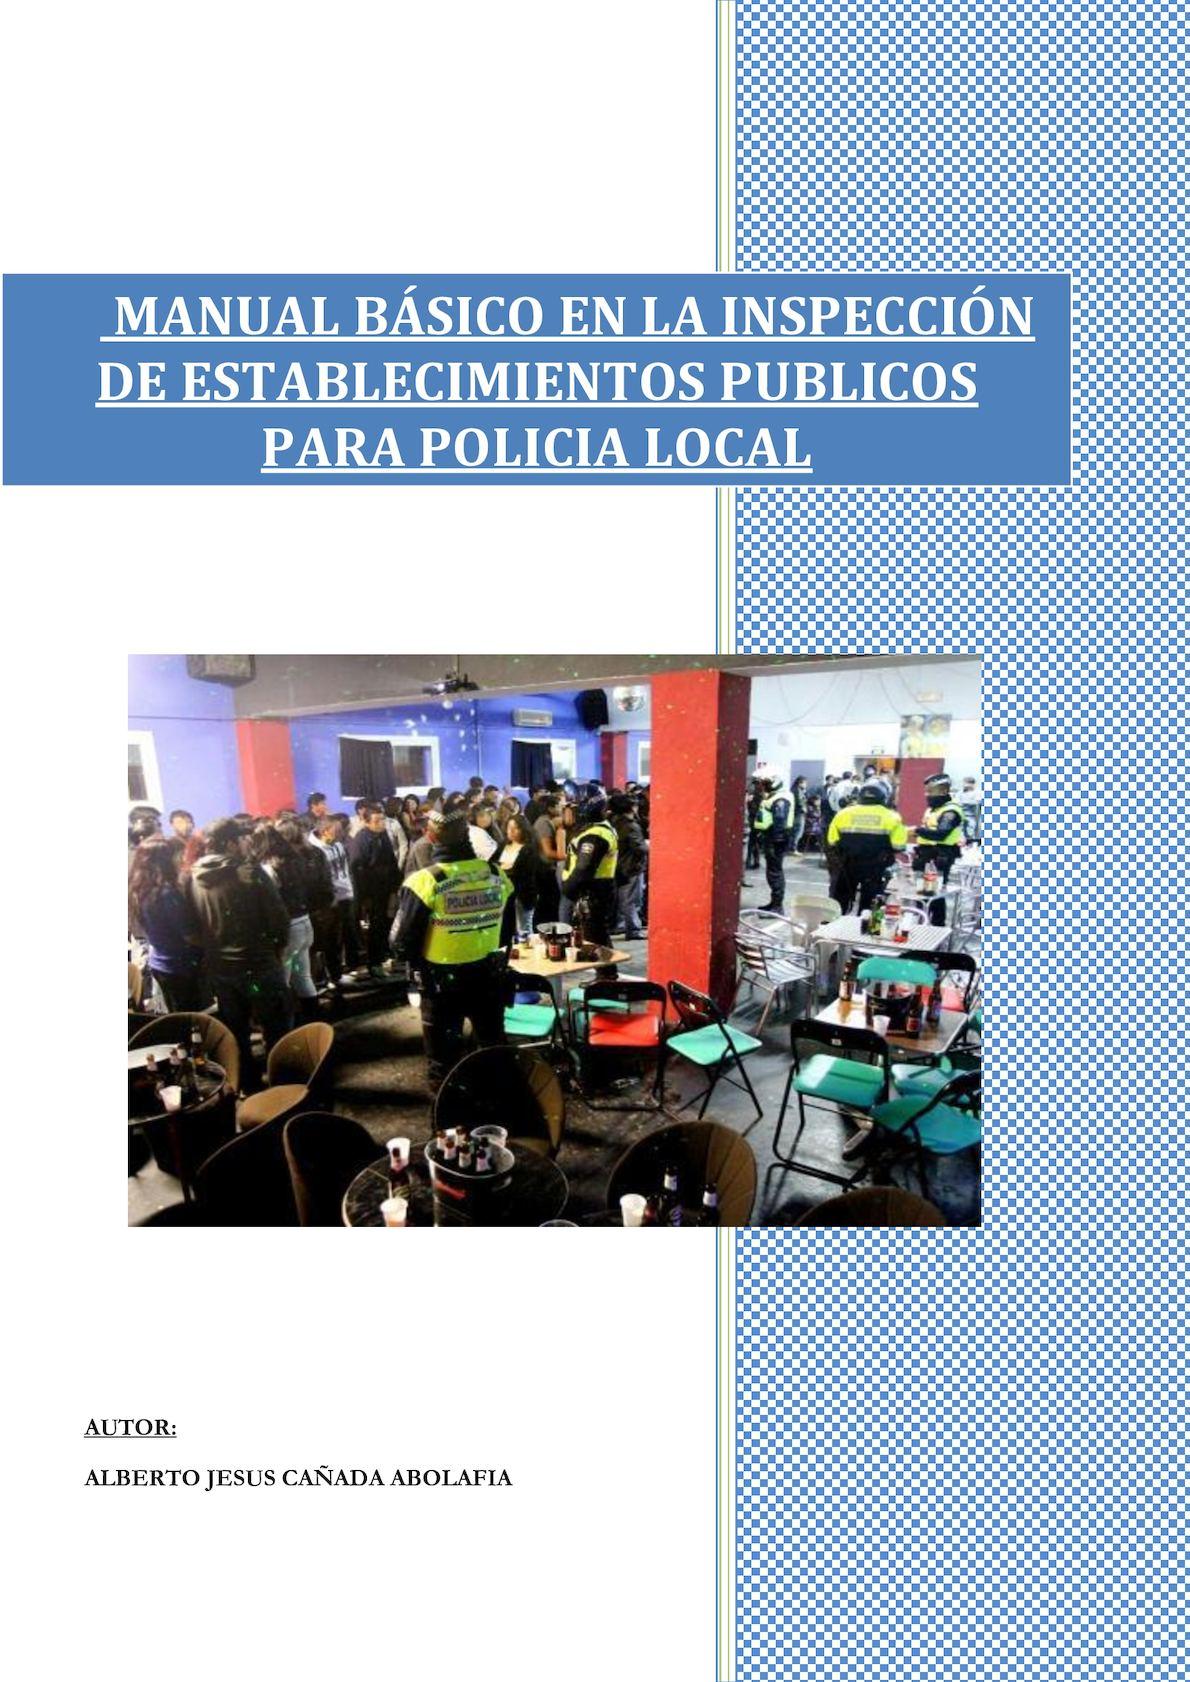 Manual Basico De Inspeccion De Establecimientos Publicos Para Policia Local